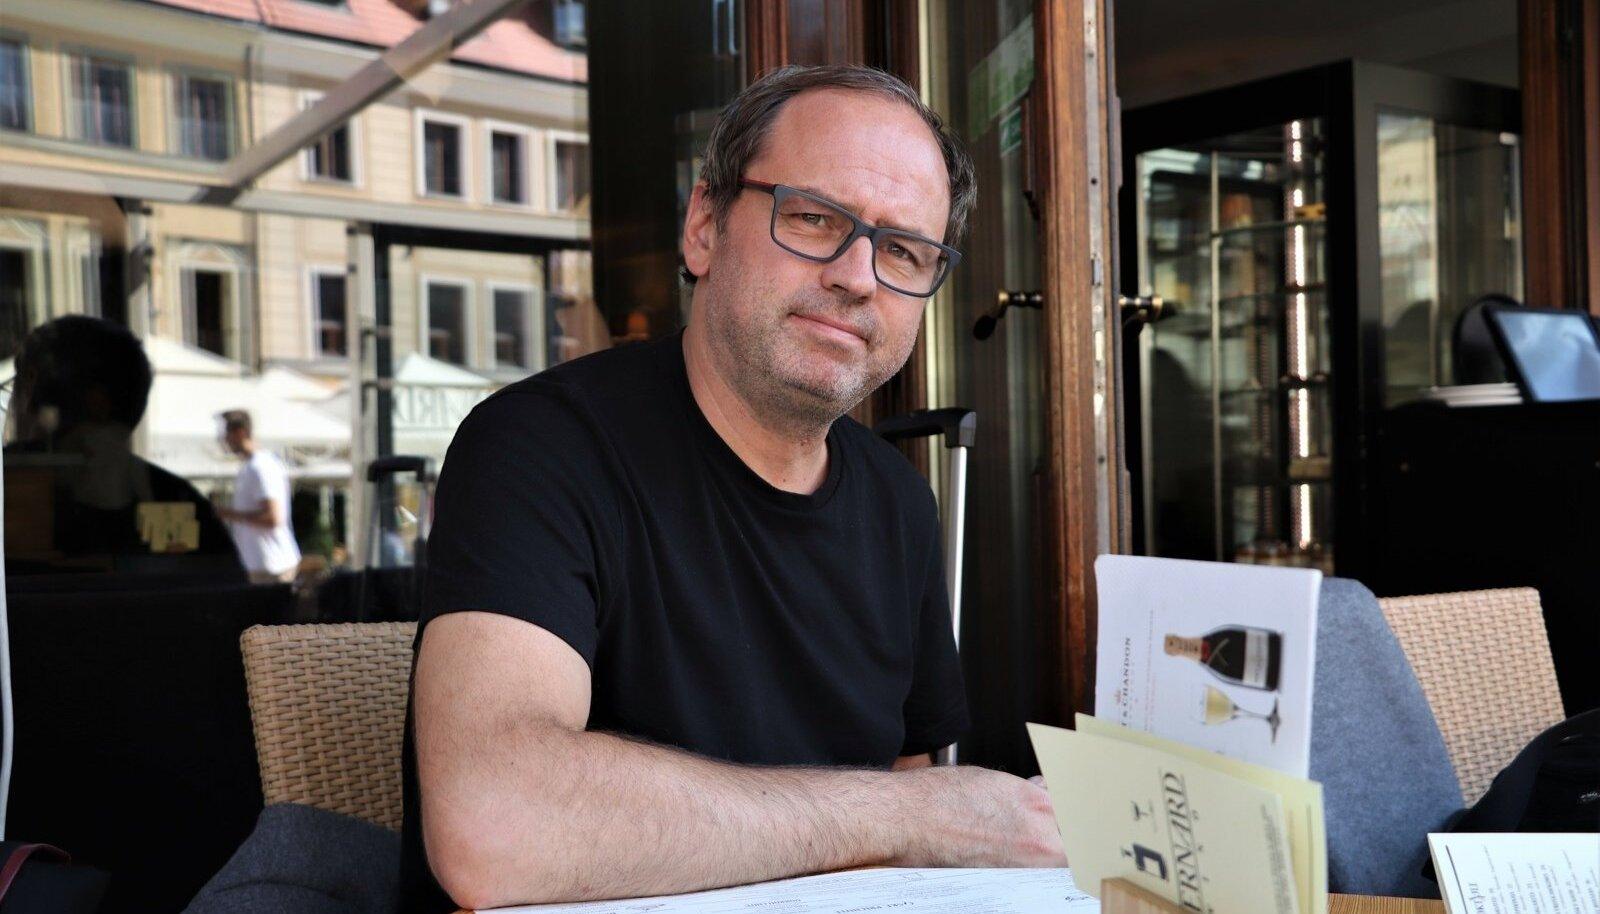 Tõnu Kõrvits ütleb, et on reisinud ainult oma muusikaga seoses. Aga kui juba reisib, siis vaatab kohapeal ka ringi ja teeb üksjagu pilte (eelistatult mustvalgeid), nii ka Wrocławis.